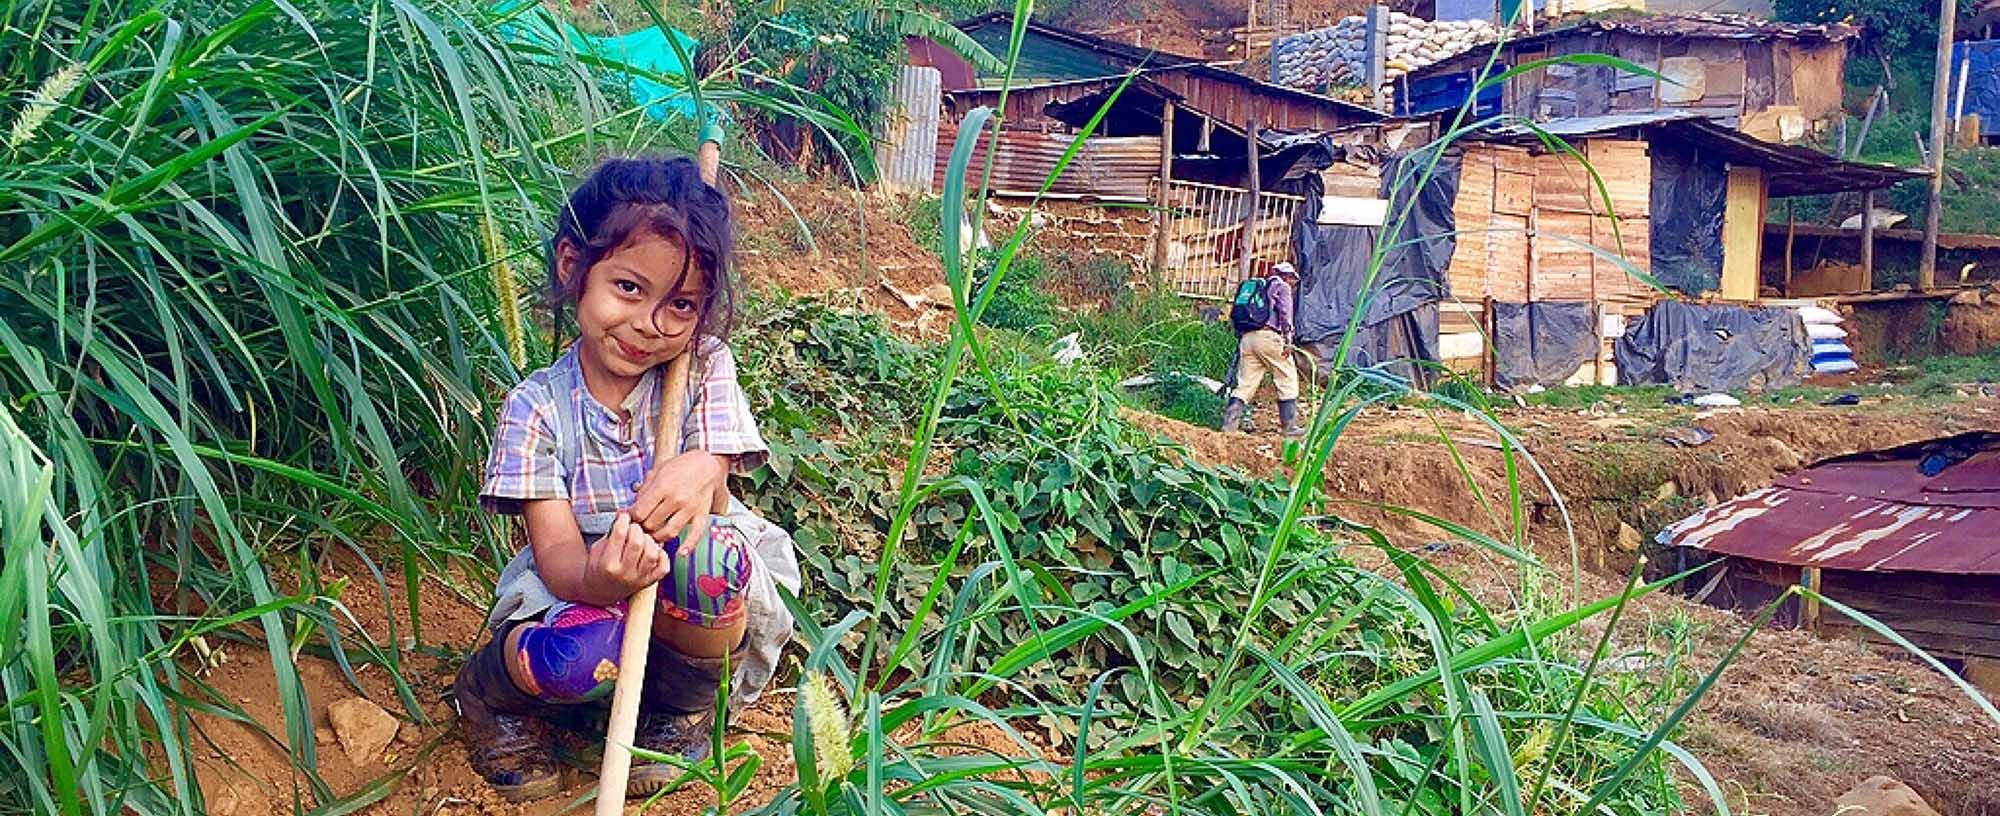 Jente med jordrake i Granizal